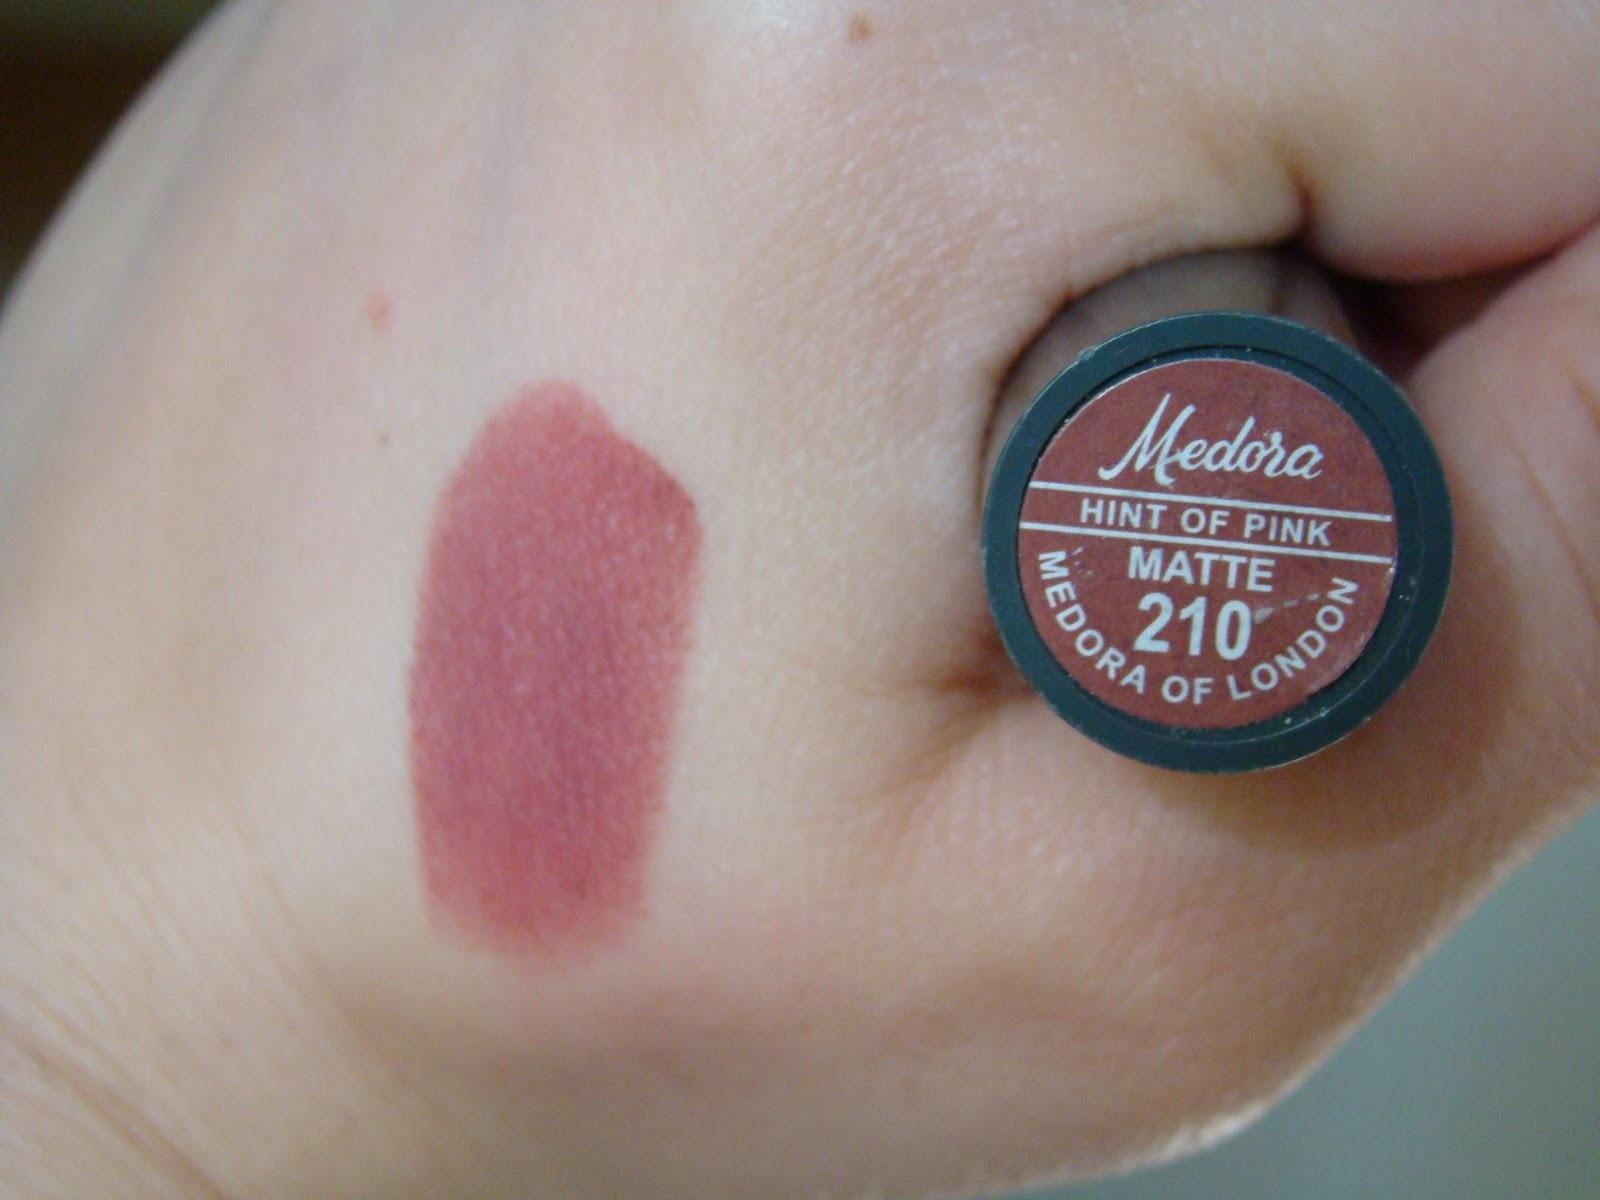 Image result for Medora Lipsticks Matte Hint Of Pink - 210